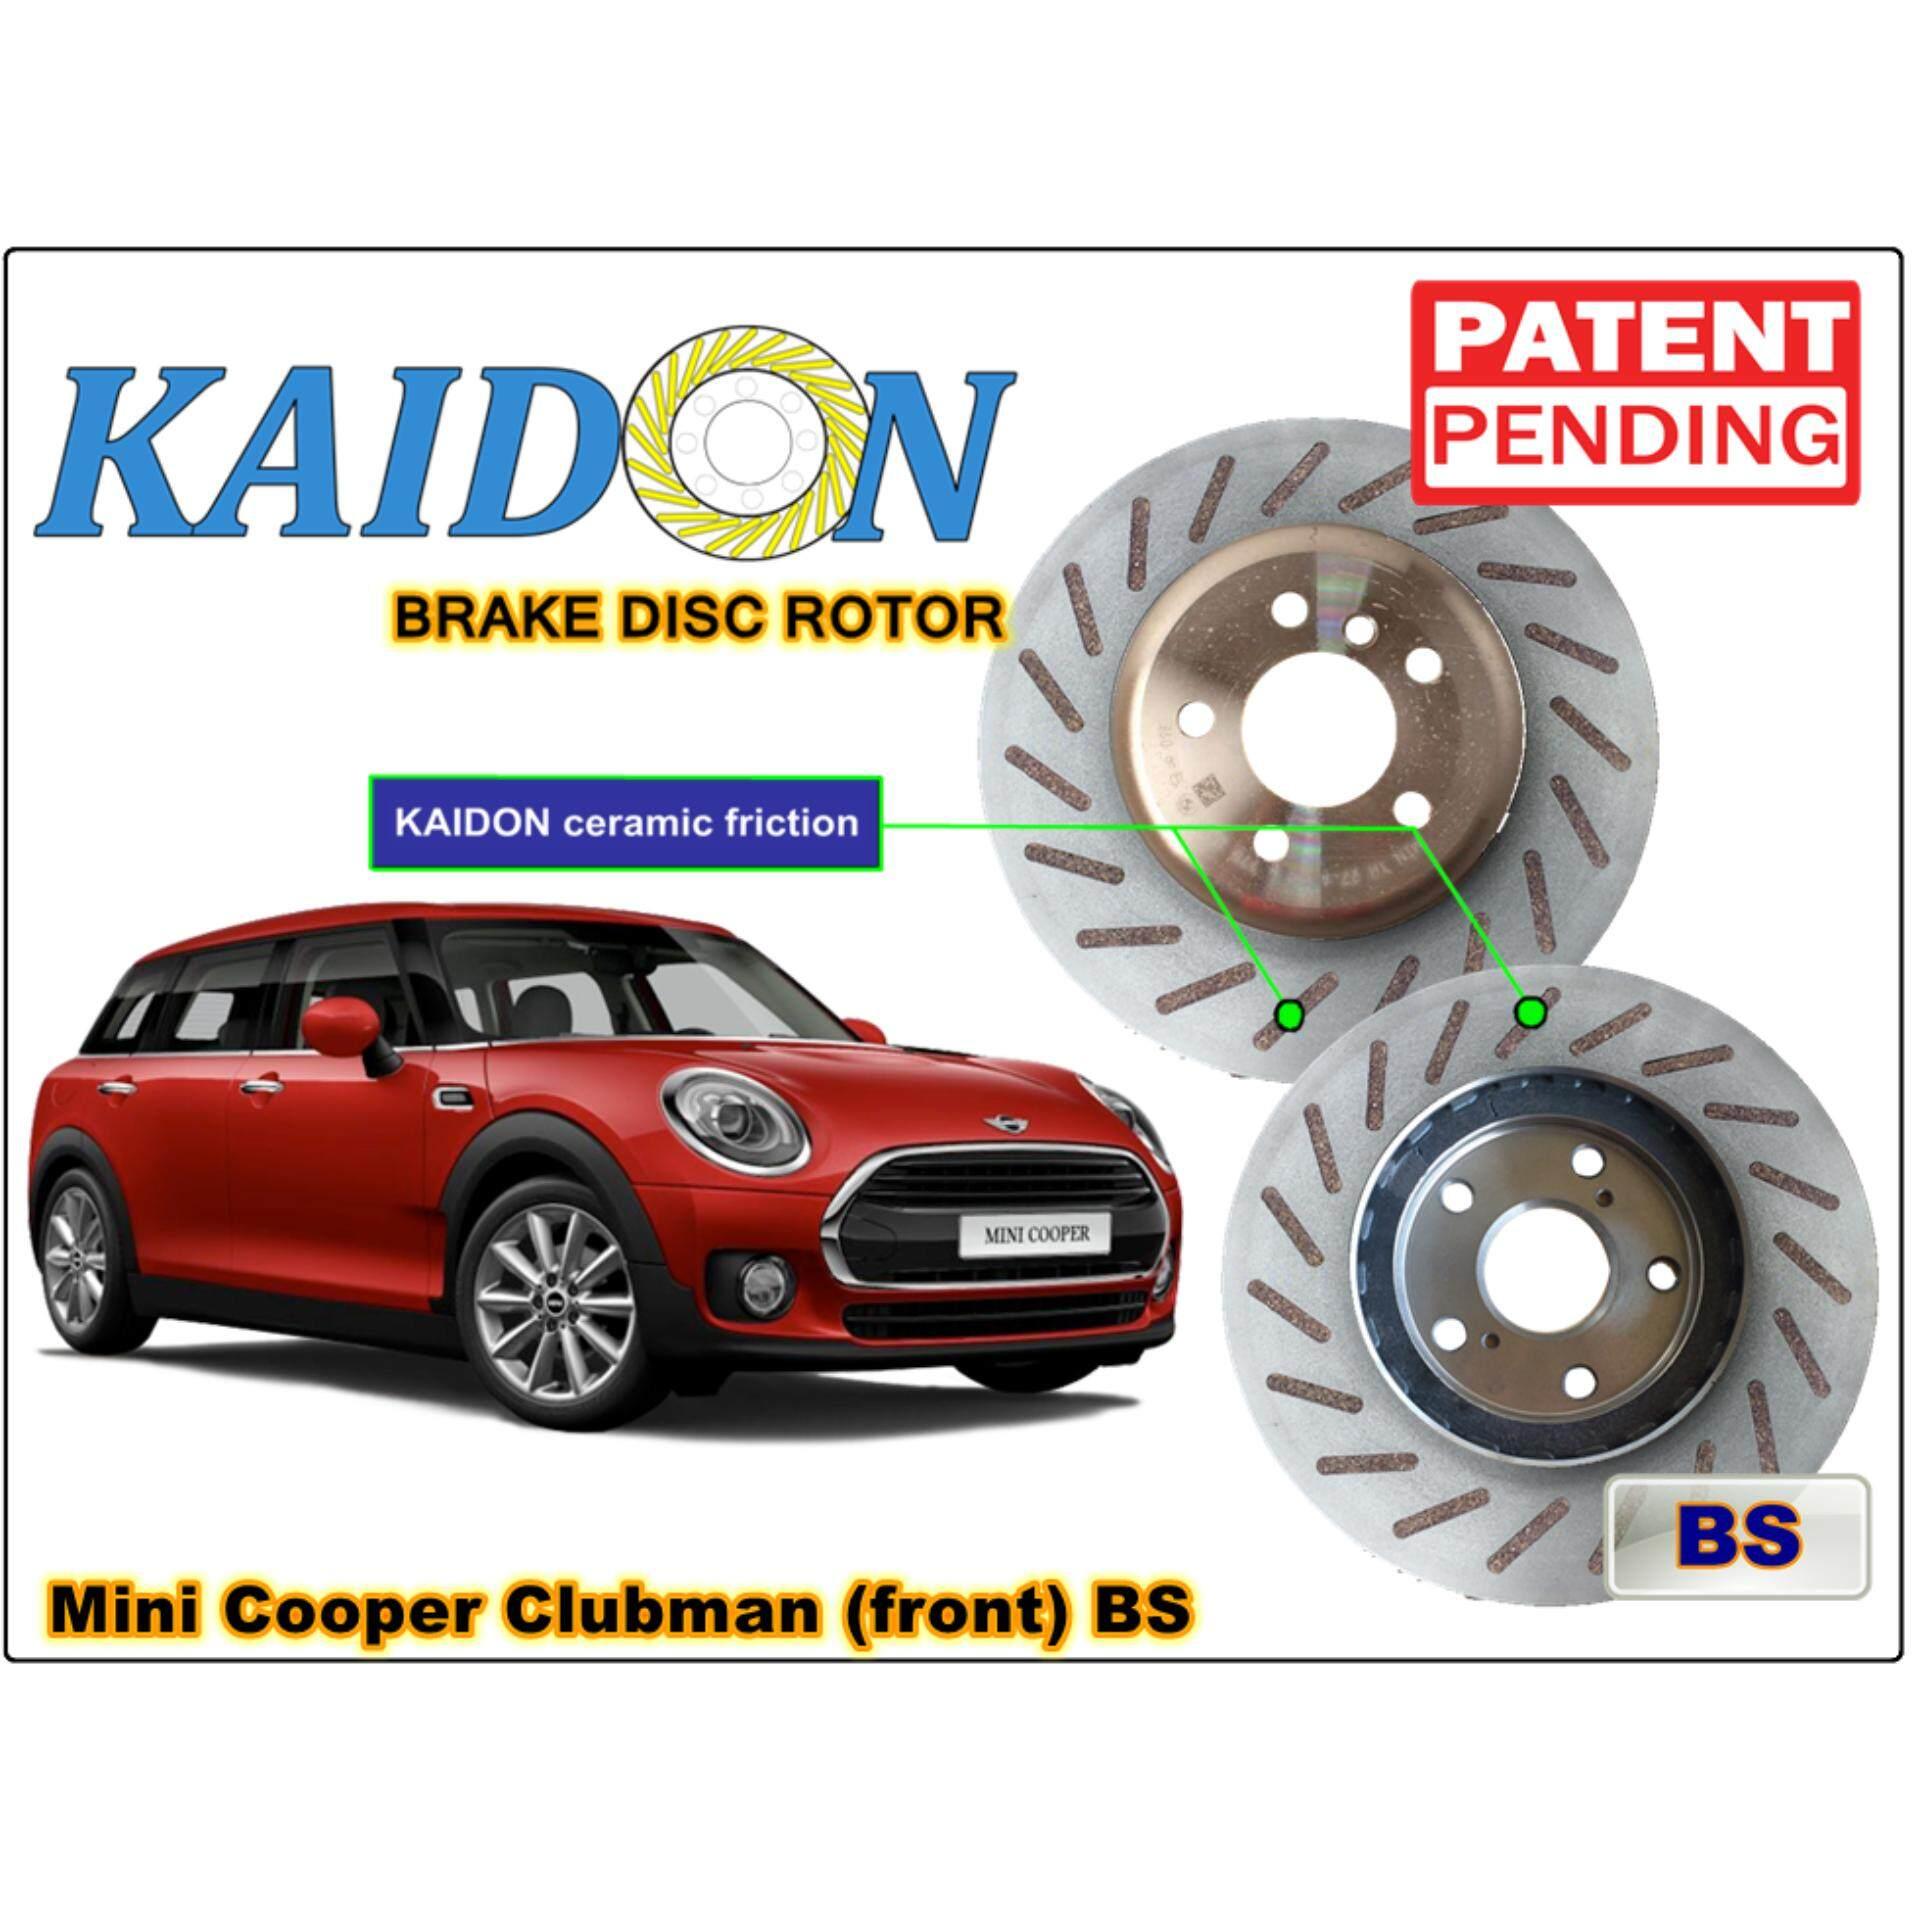 Mini Cooper Clubman Brake Disc Rotor KAIDON (front) Type